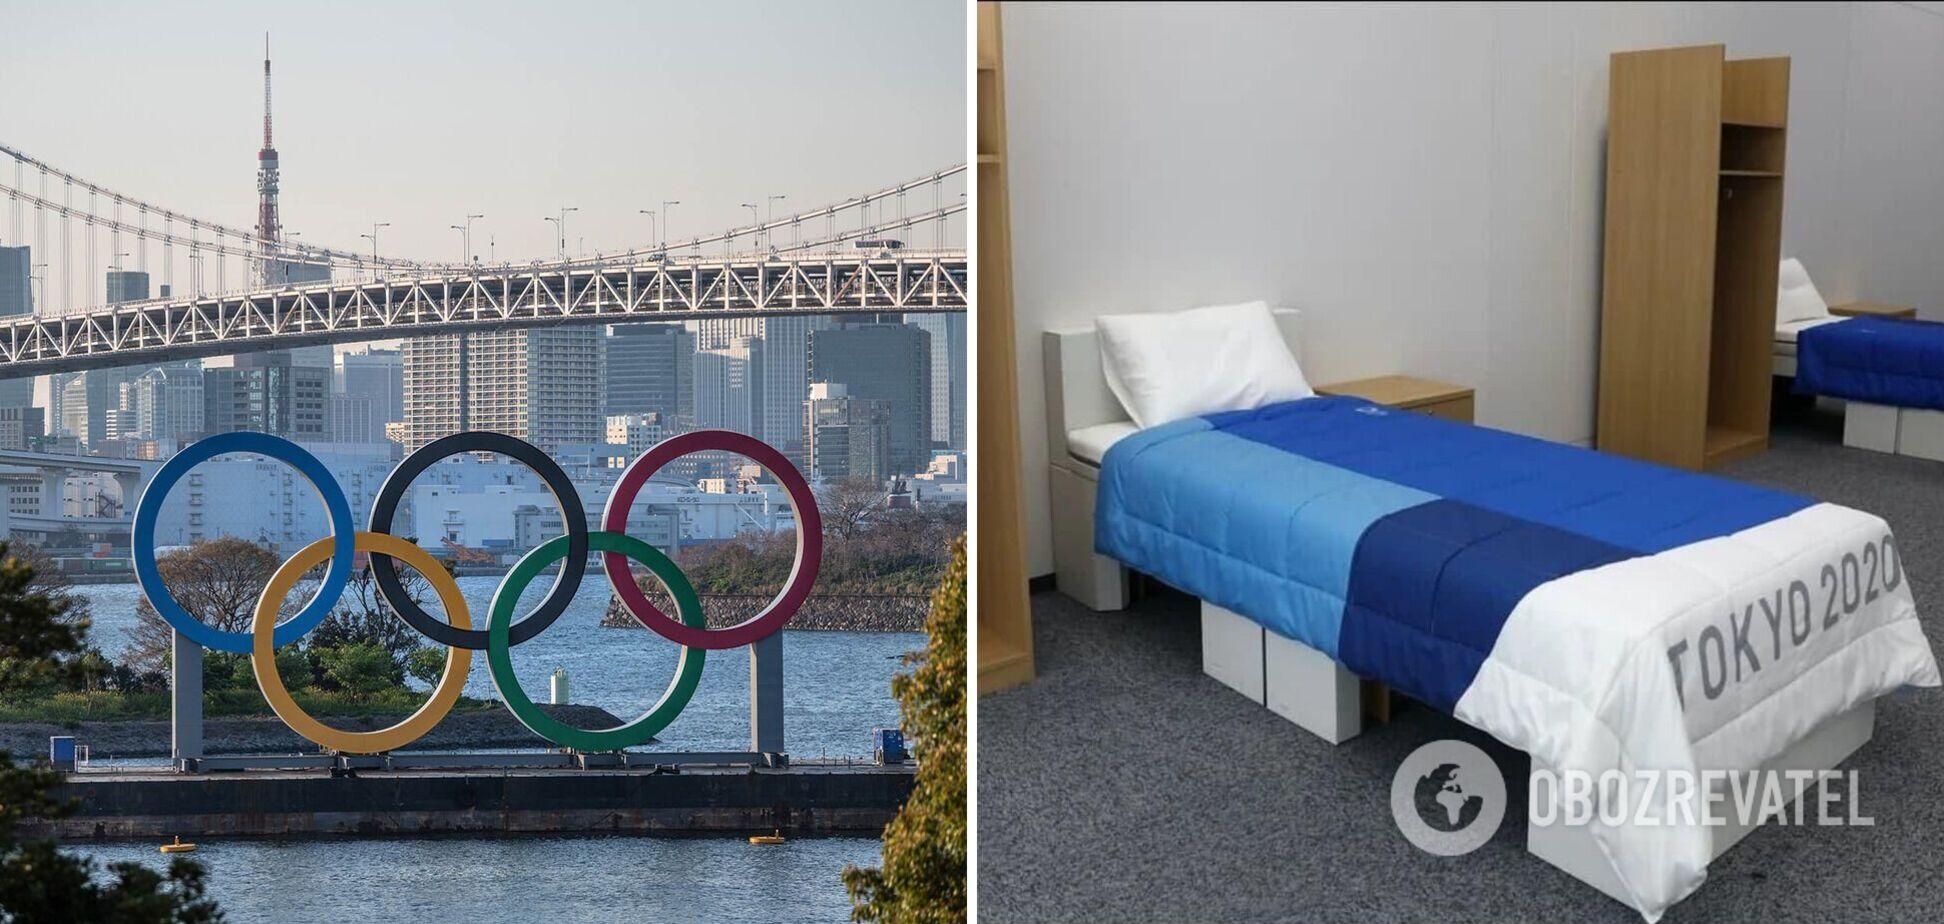 Антисекс кровати Олимпиада в Токио